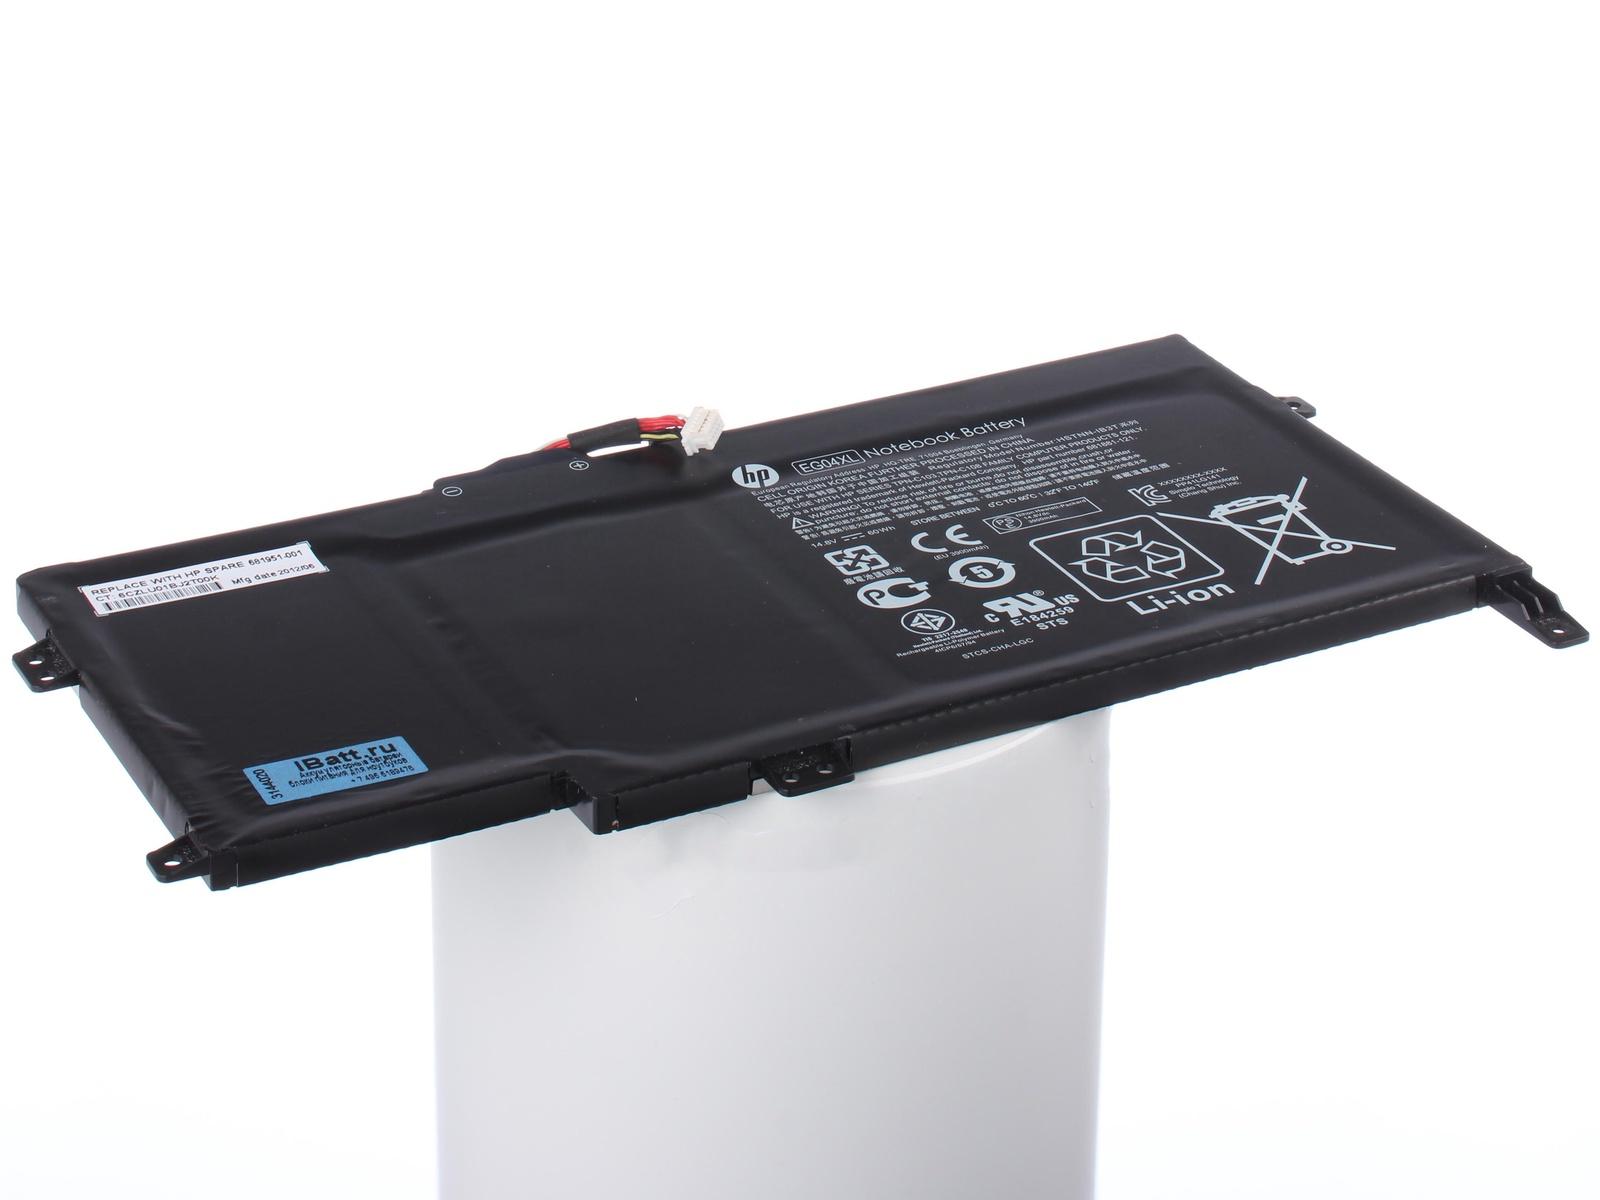 Аккумулятор для ноутбука iBatt для HP-Compaq Envy 6-1170sf, ENVY Ultrabook 6-1170sf, ENVY Sleekbook 6-1150er, Envy 6-1058er, ENVY Ultrabook 6-1253er, Envy 6-1051er, Envy 6-1250er, ENVY Sleekbook 6-1110sw, ENVY Ultrabook 6-1051er цены